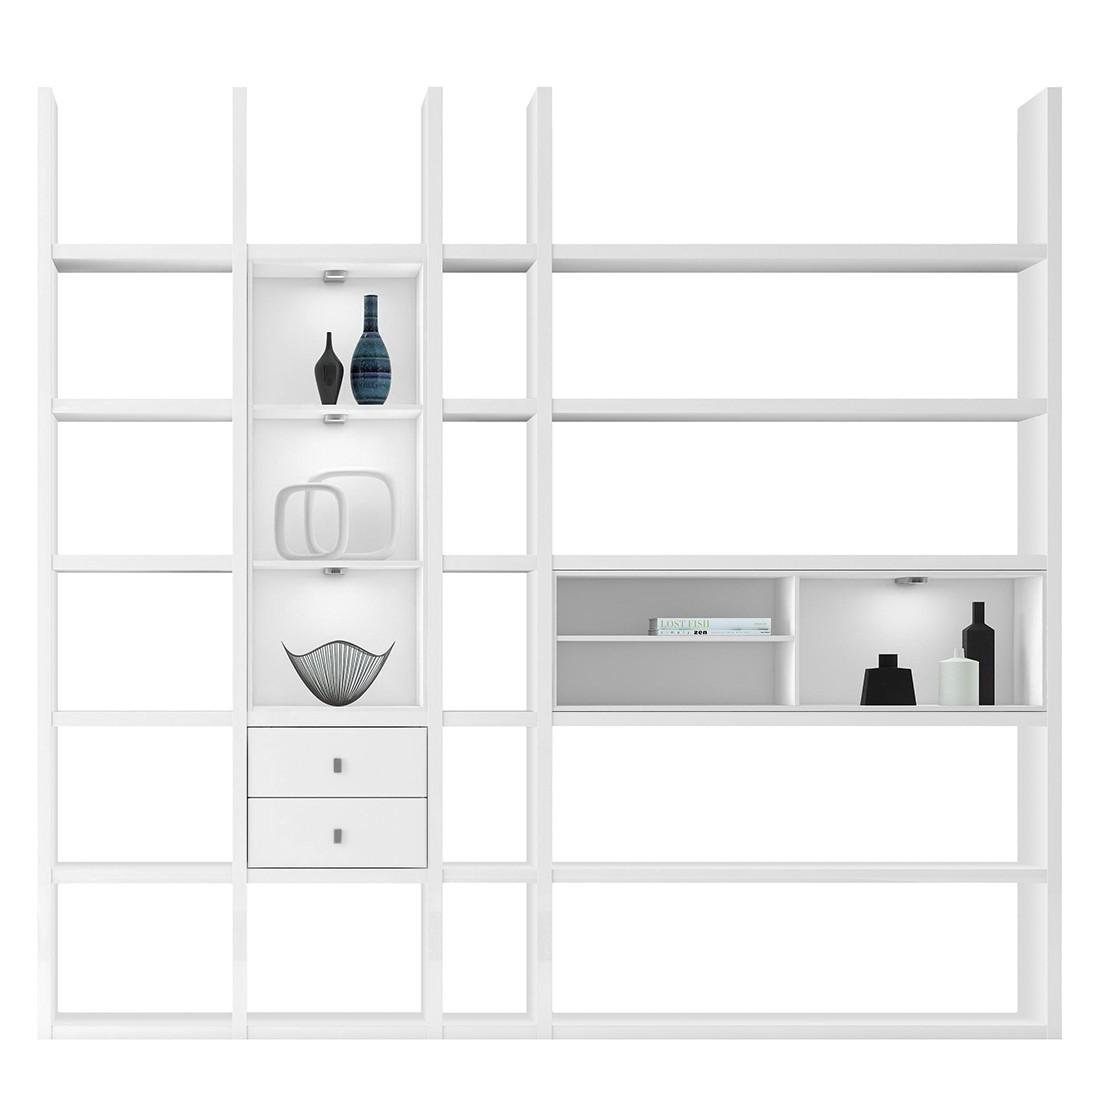 XL Regalwand Emporior III.B – Hochglanz Weiß Ohne Beleuchtung, loftscape günstig